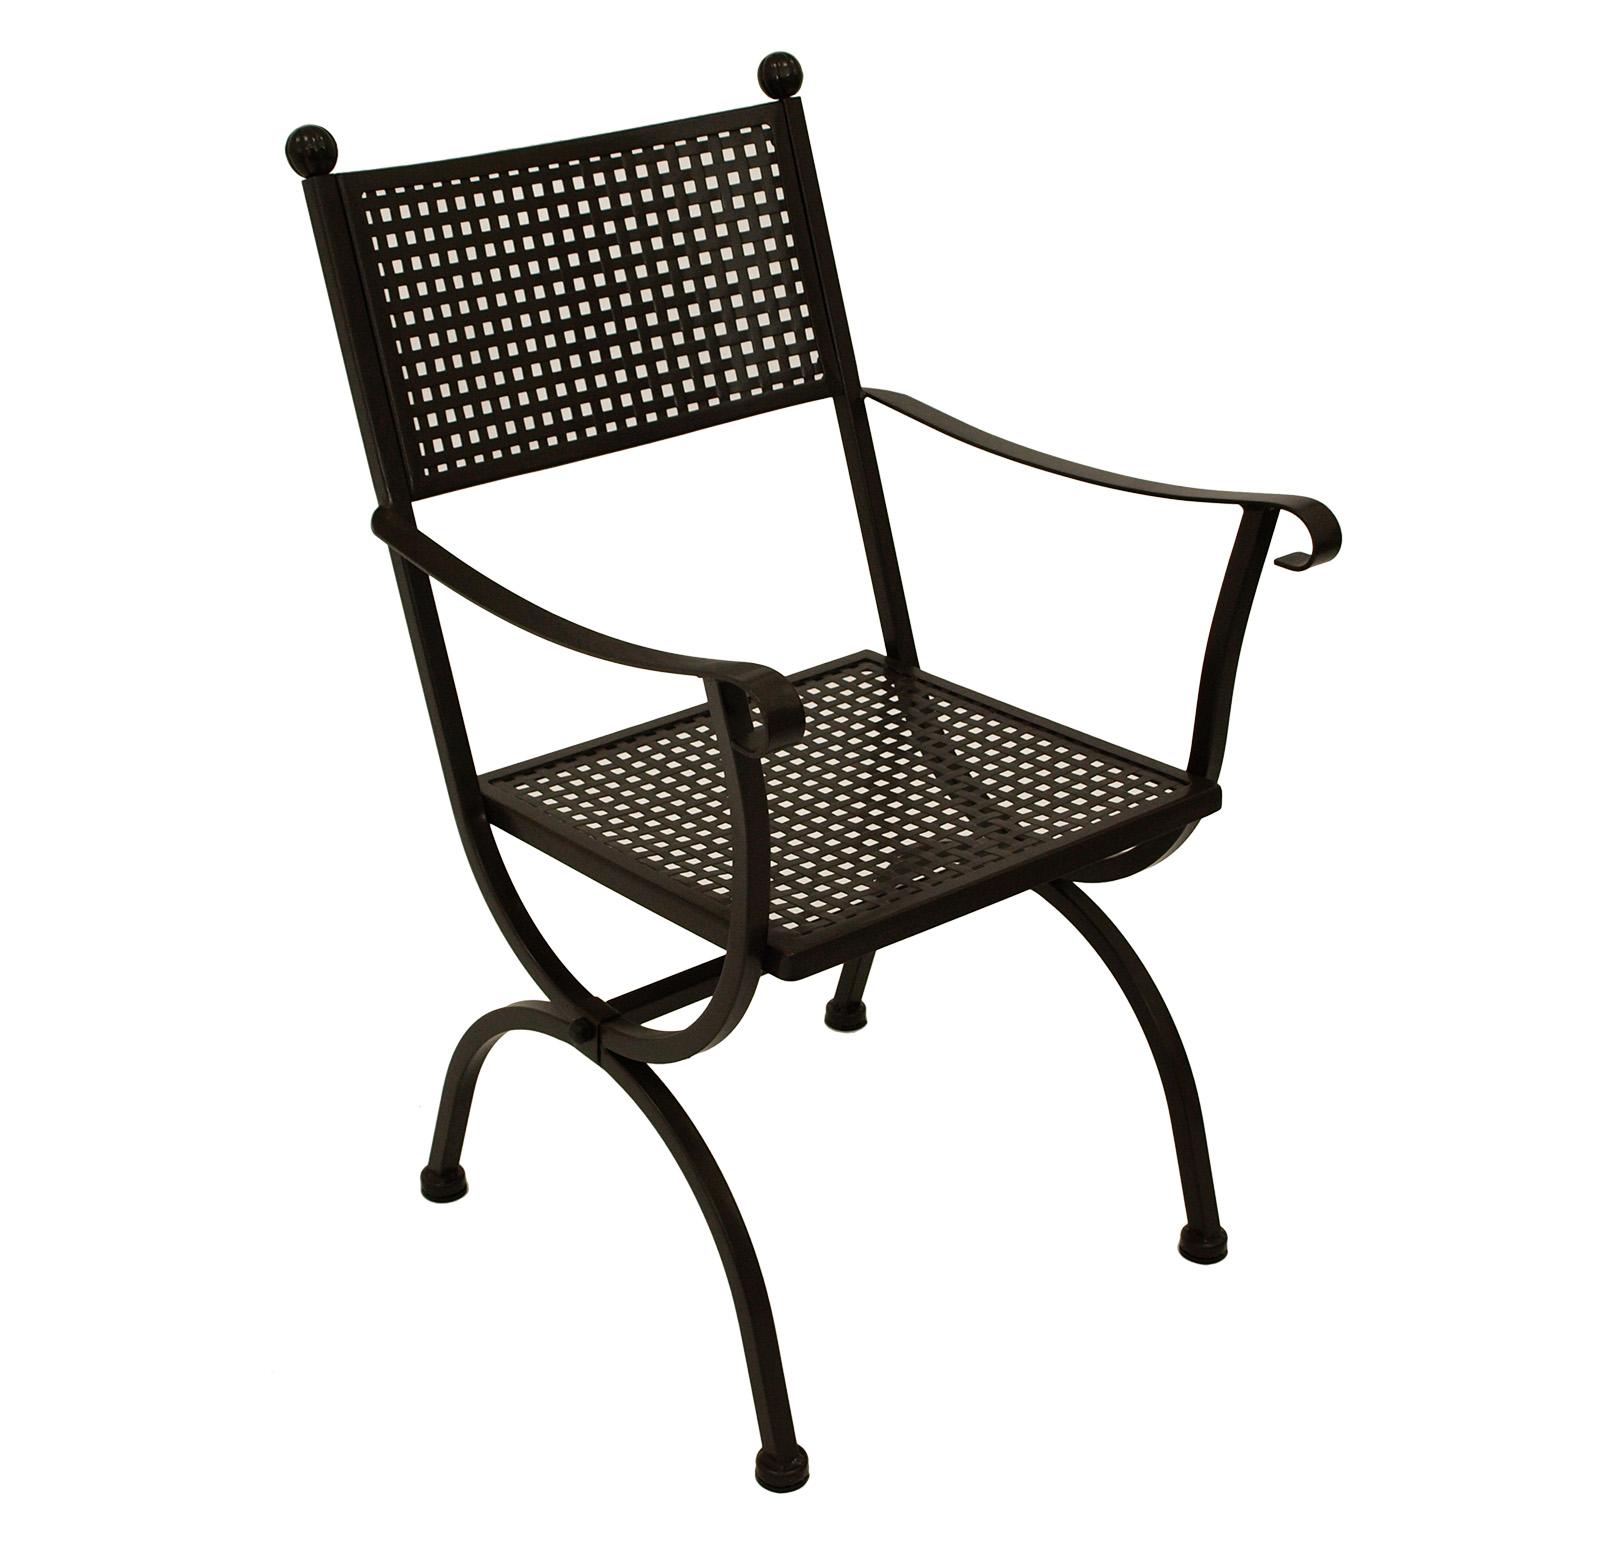 Gartenstuhl Gartensessel Gartenmöbel Sessel ROMEO von MBM Eisen ...